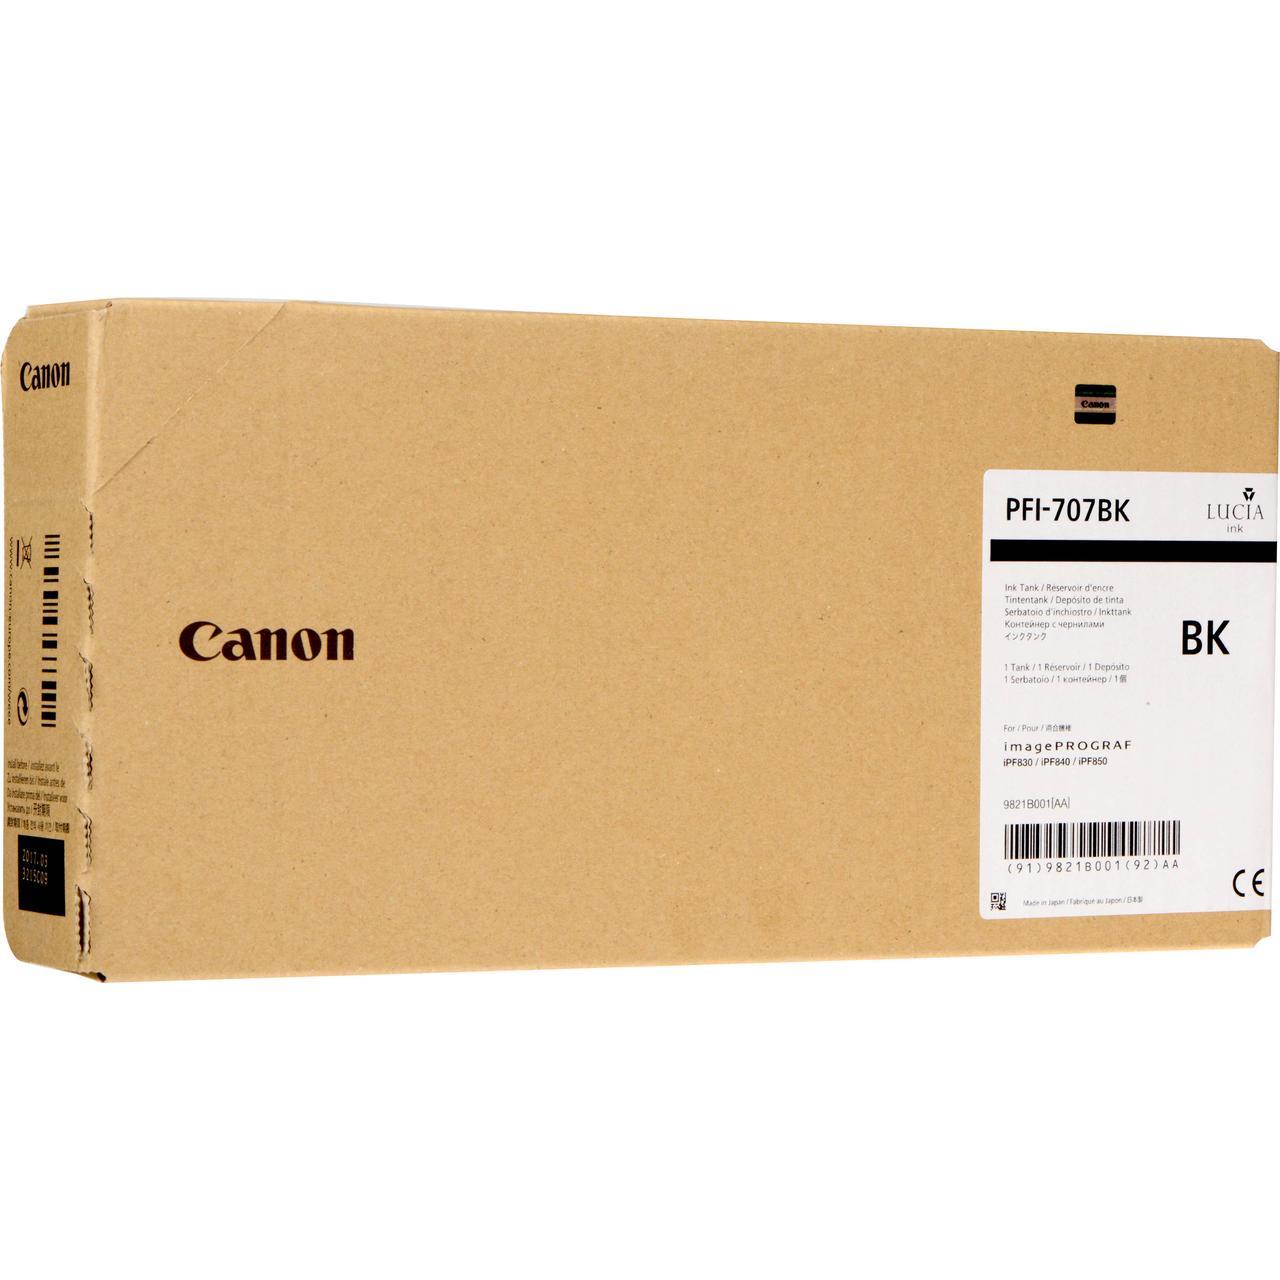 Картридж Canon PFI-707BK для iPF830/840/850, Black, 700 мл